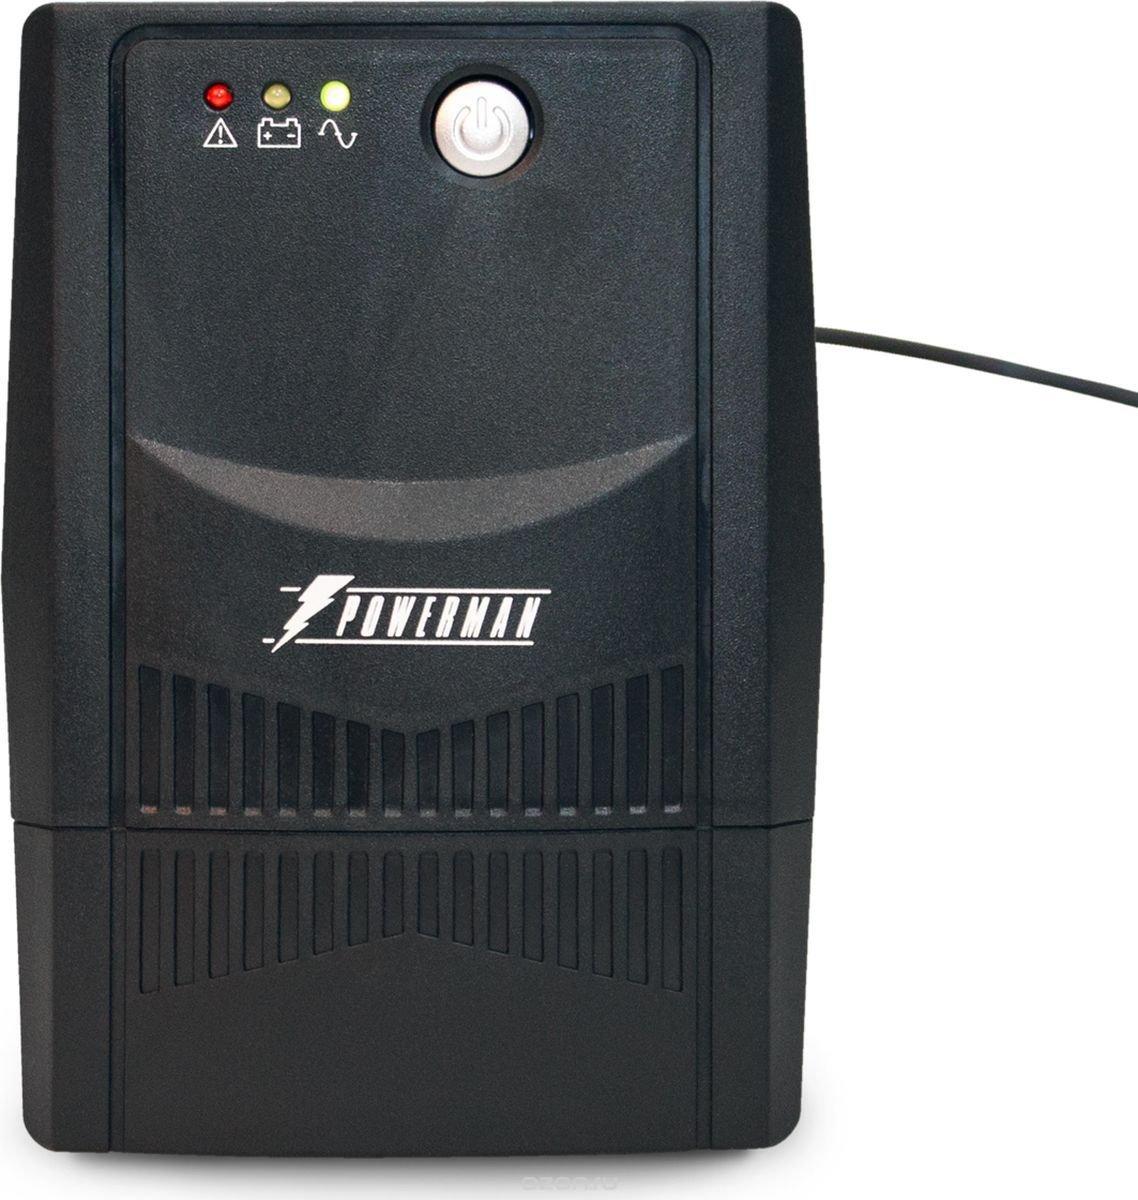 """Источник бесперебойного питания Powerman """"UPS Вack Pro 800 Plus, 800 ВА"""